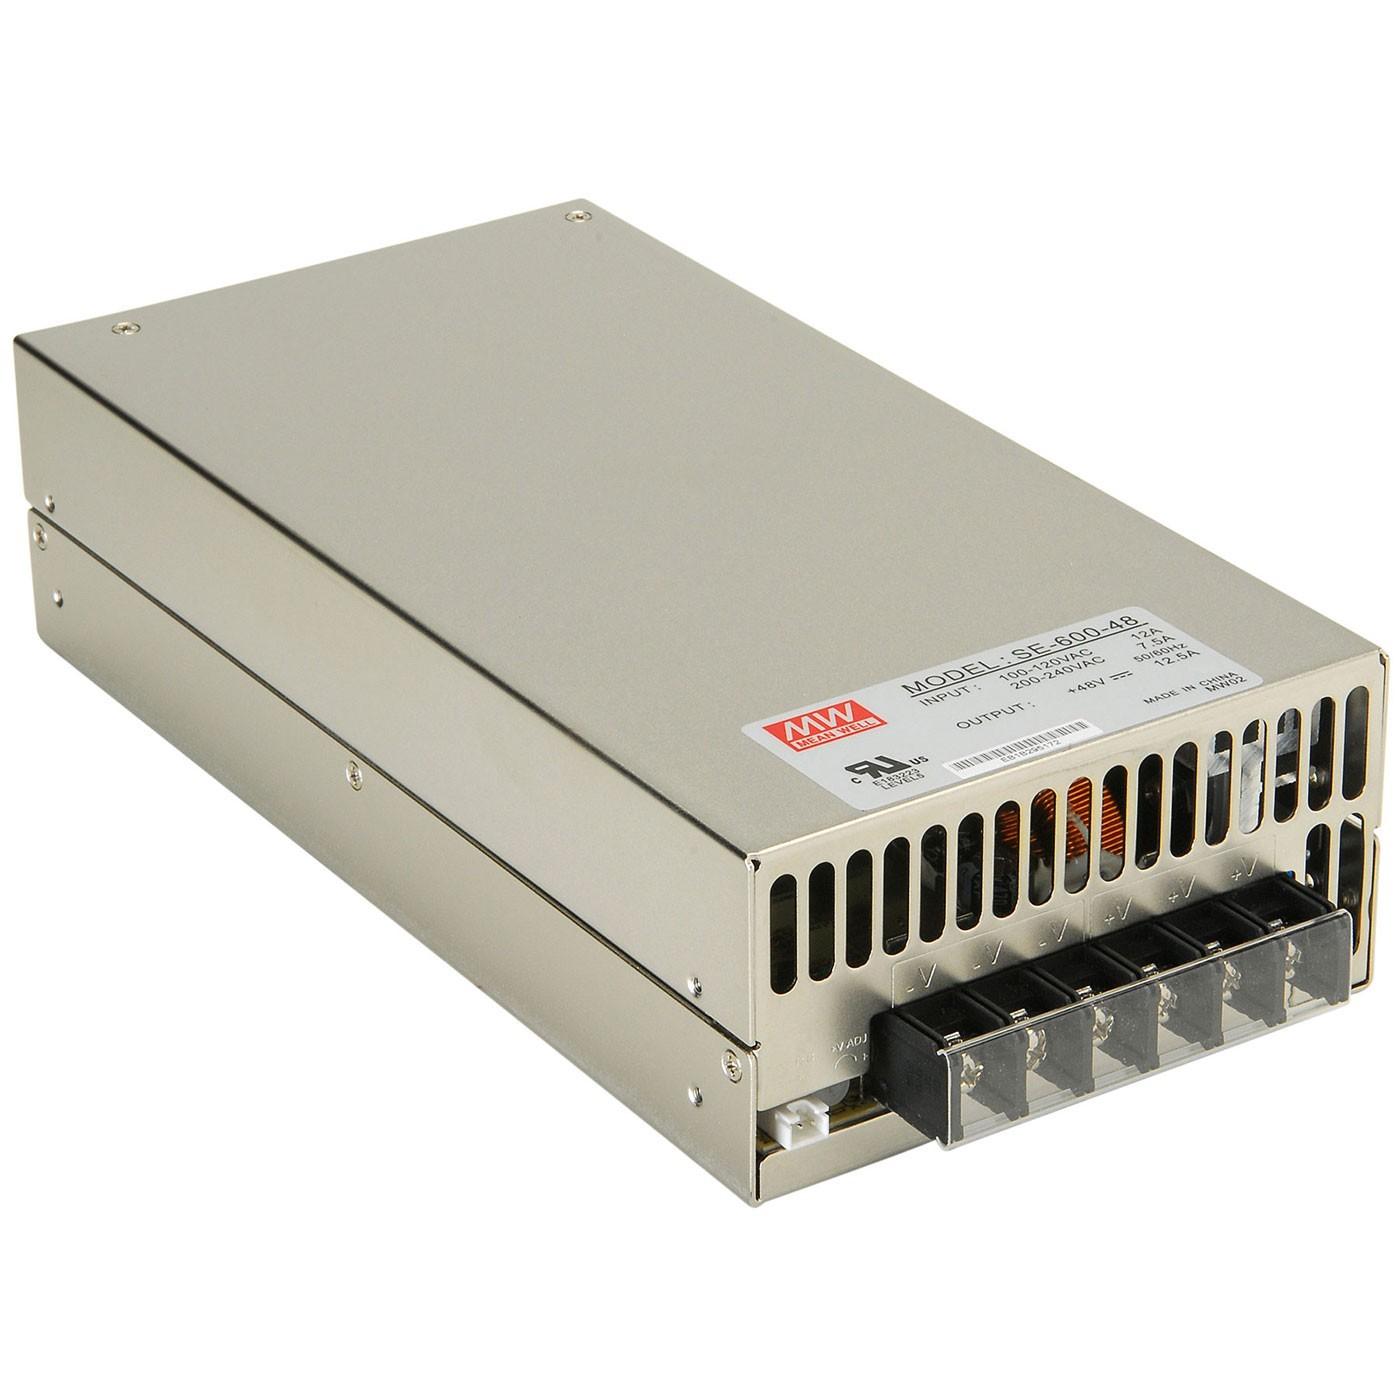 MEAN WELL MW SE-600-48 Module d'Alimentation à Découpage SMPS 600W 48V 12.5A